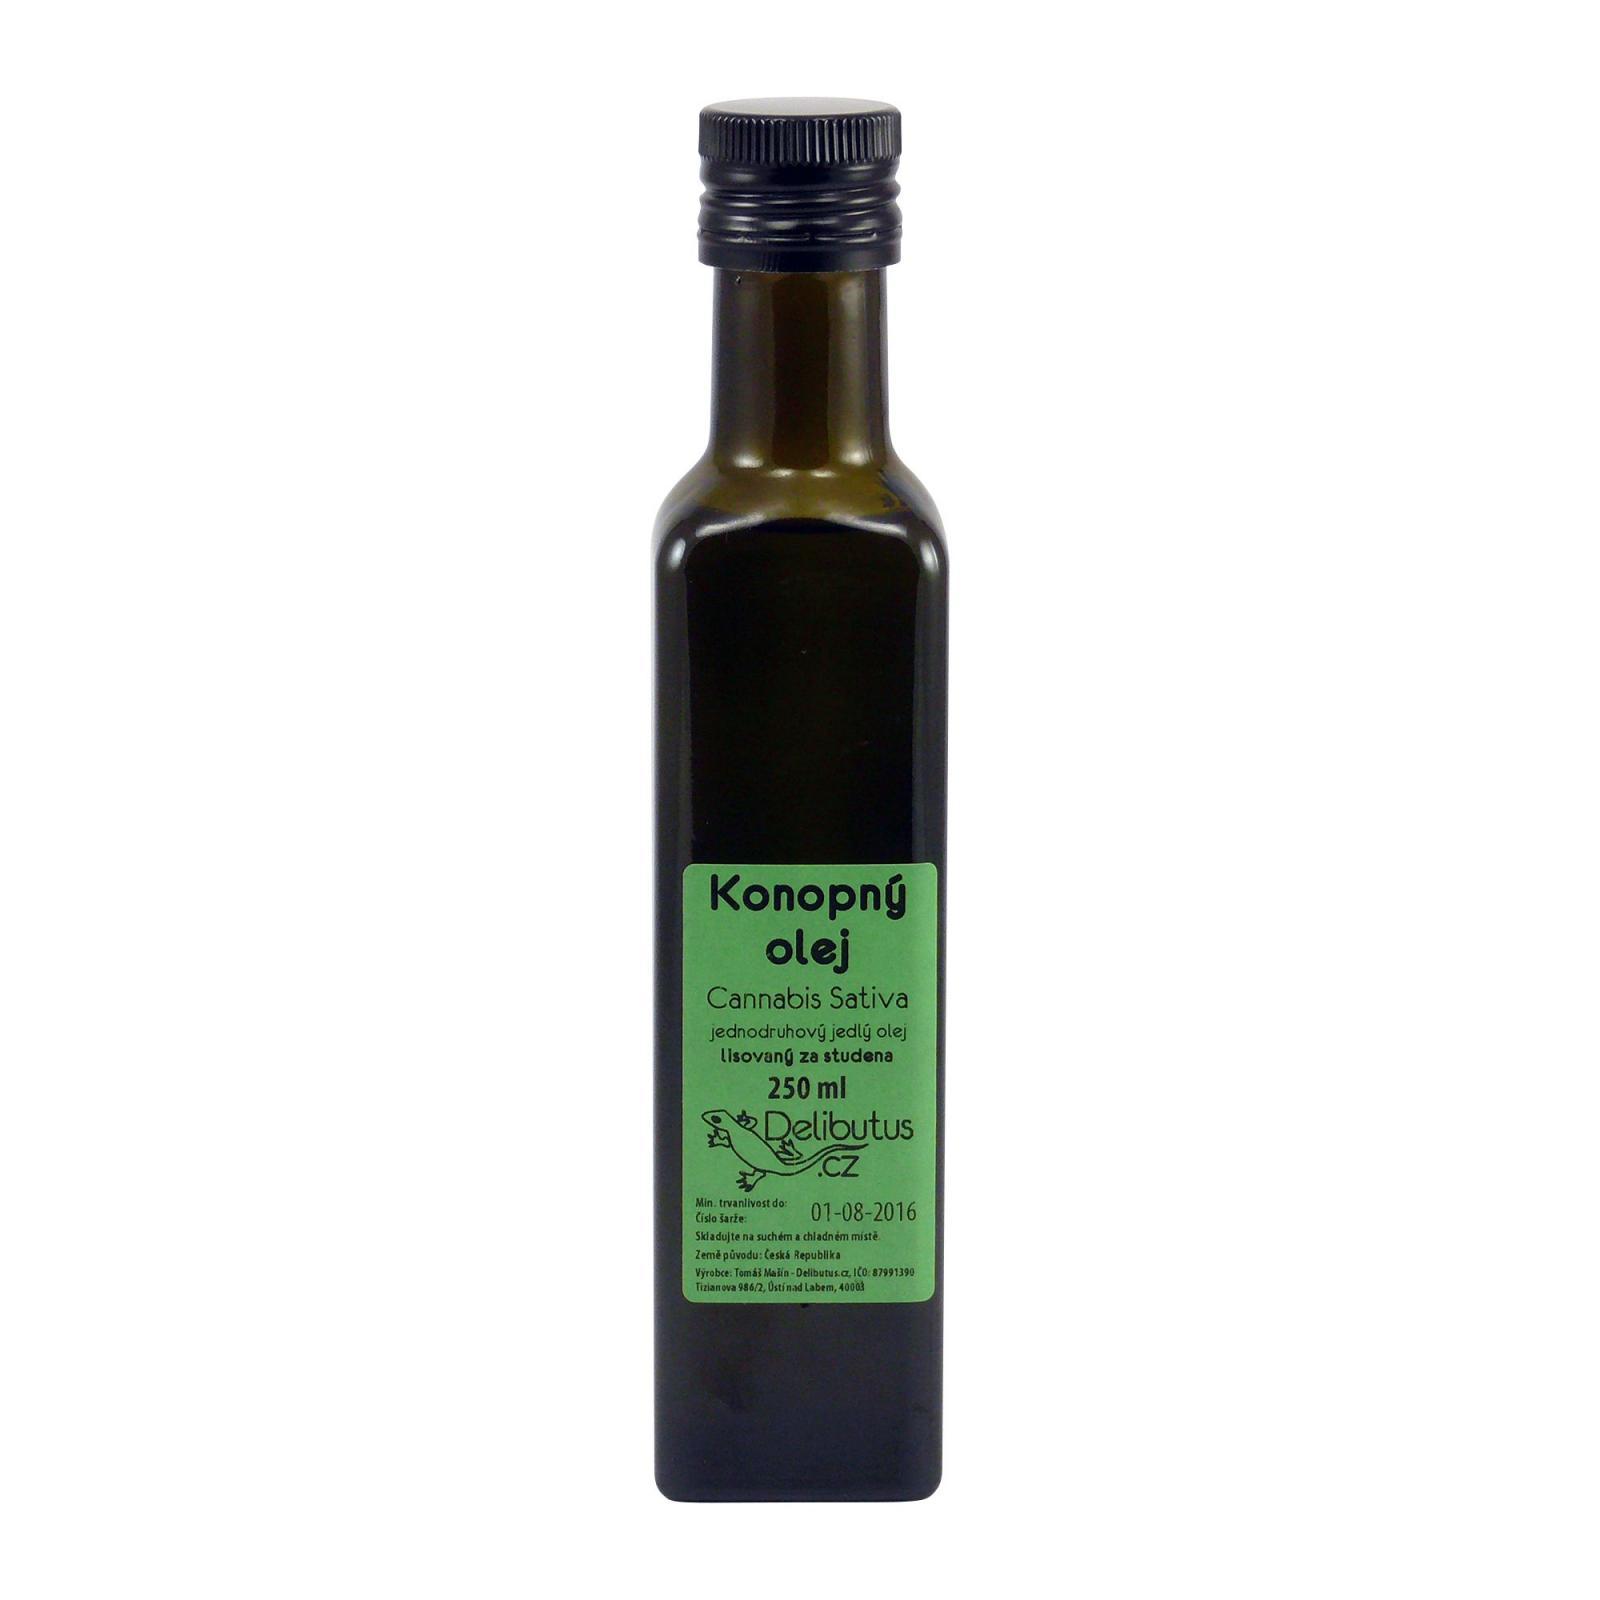 Delibutus Konopný olej 250 ml